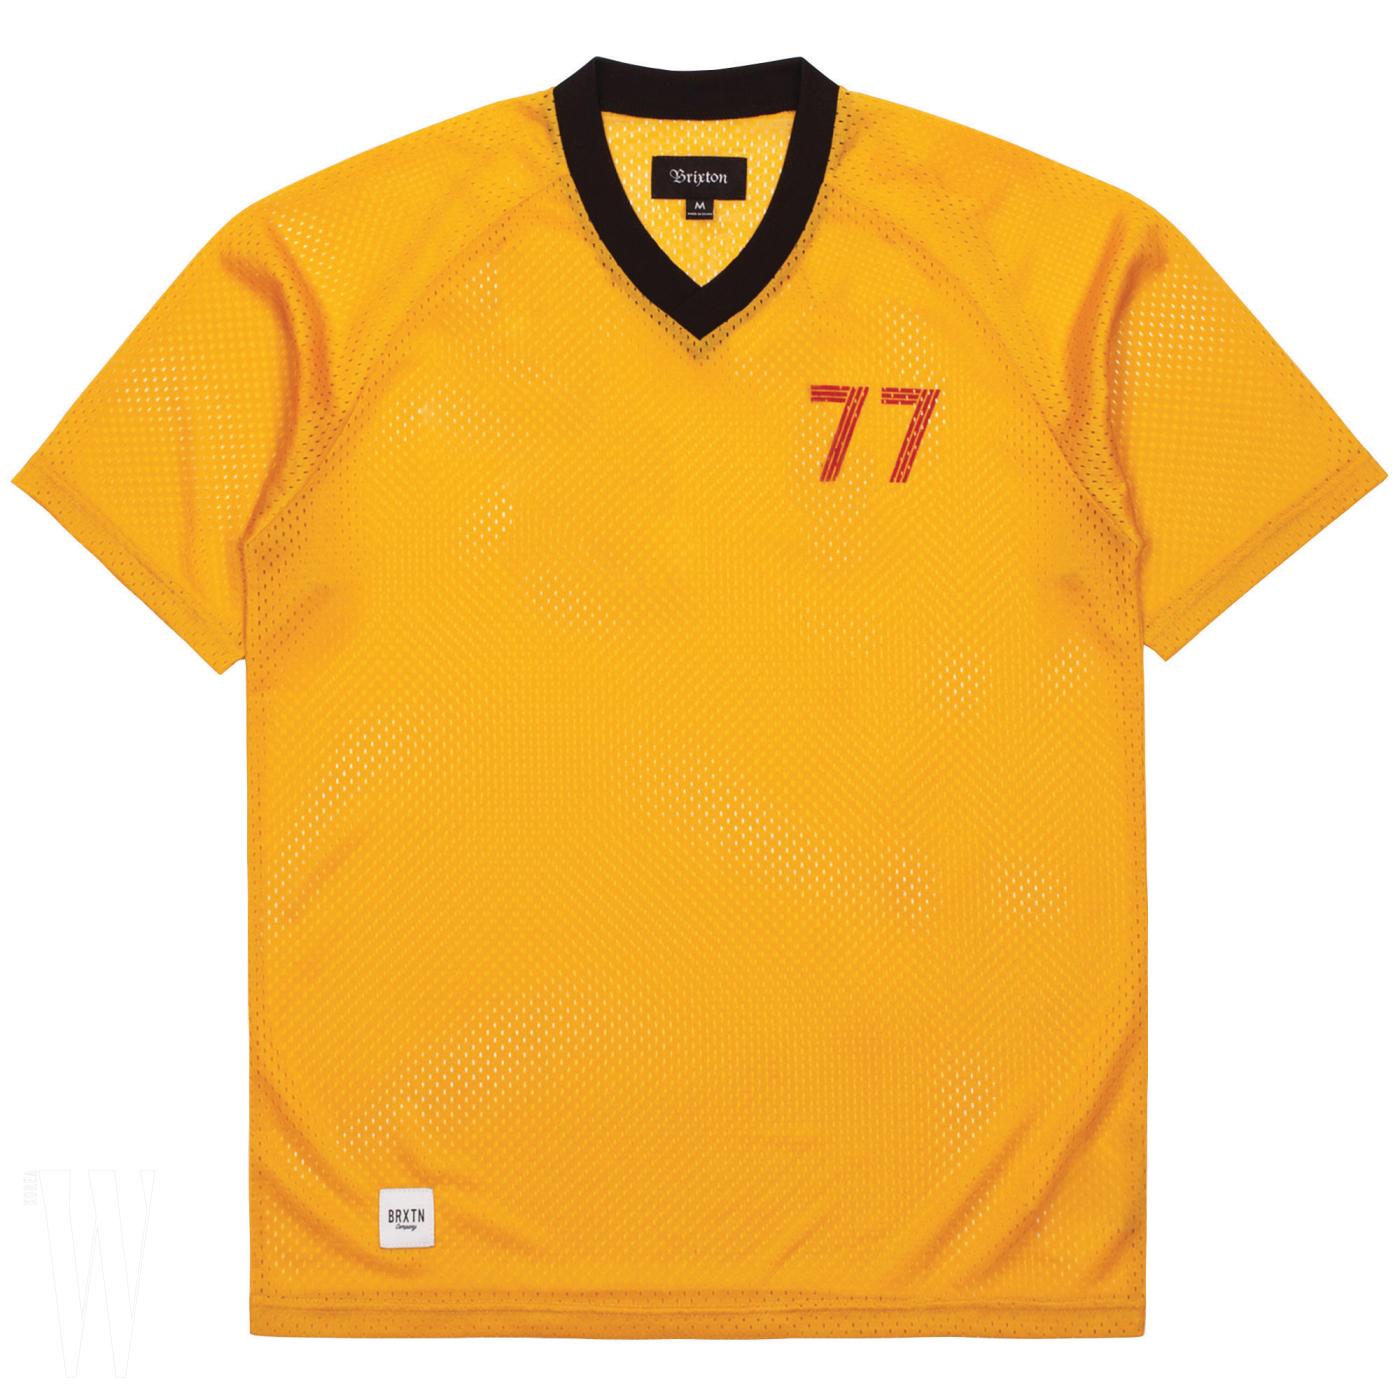 클래식한 디자인의 축구 유니폼은 브릭스톤 by 웍스아웃 제품. 5만3천원.